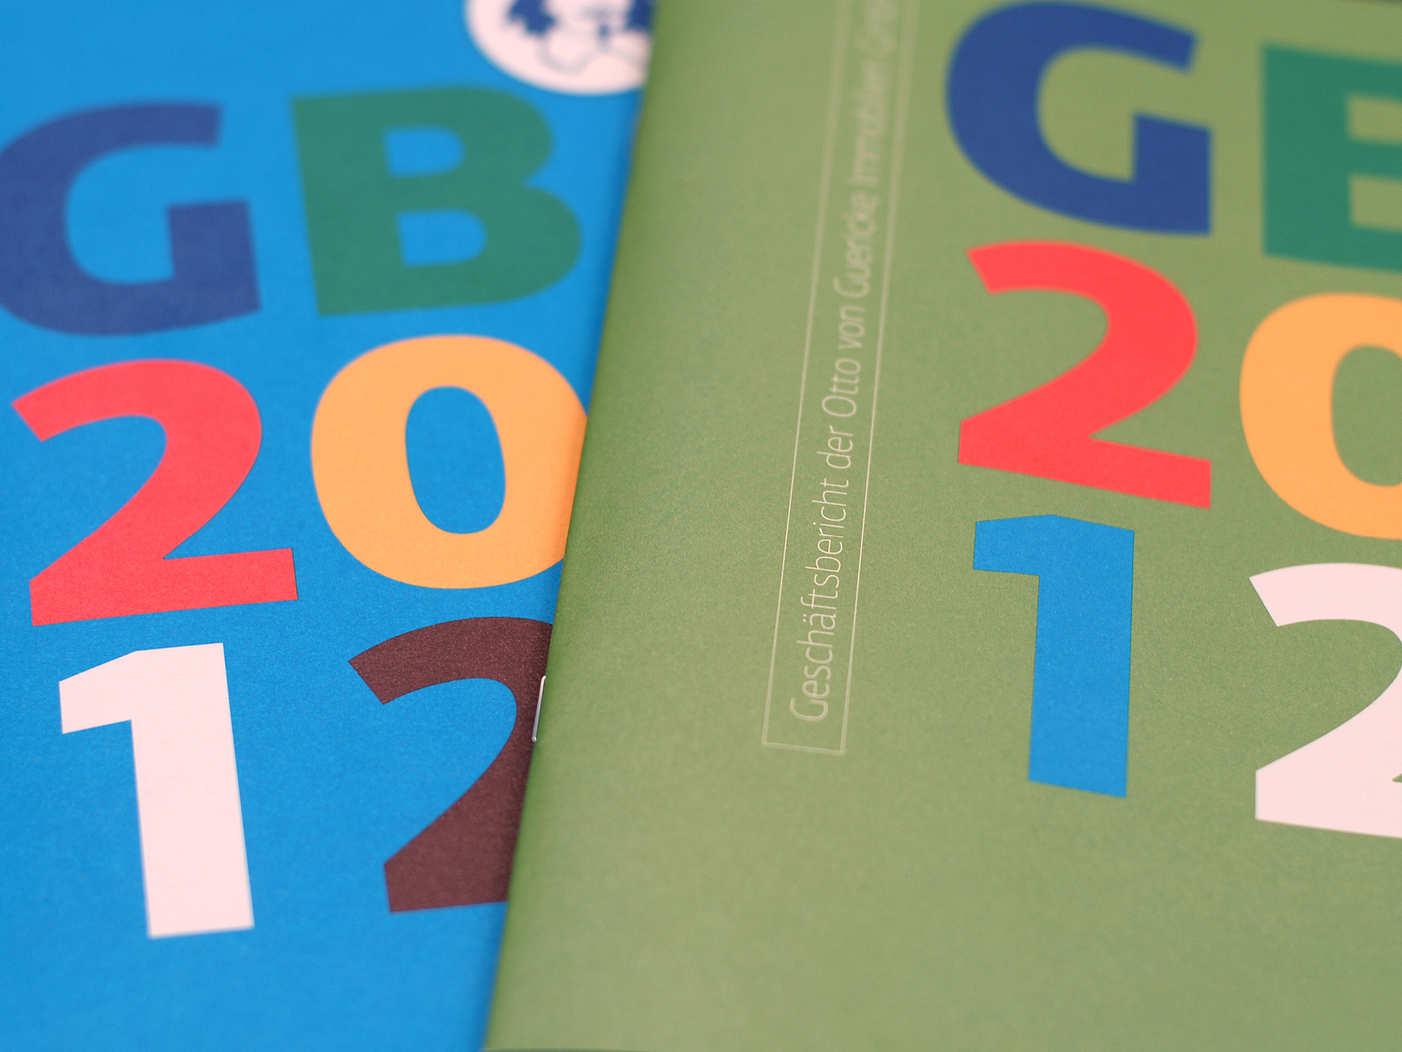 140527_OVGGEN-13-0001_Geschaeftsbericht_2012_WebRef_1920x1440